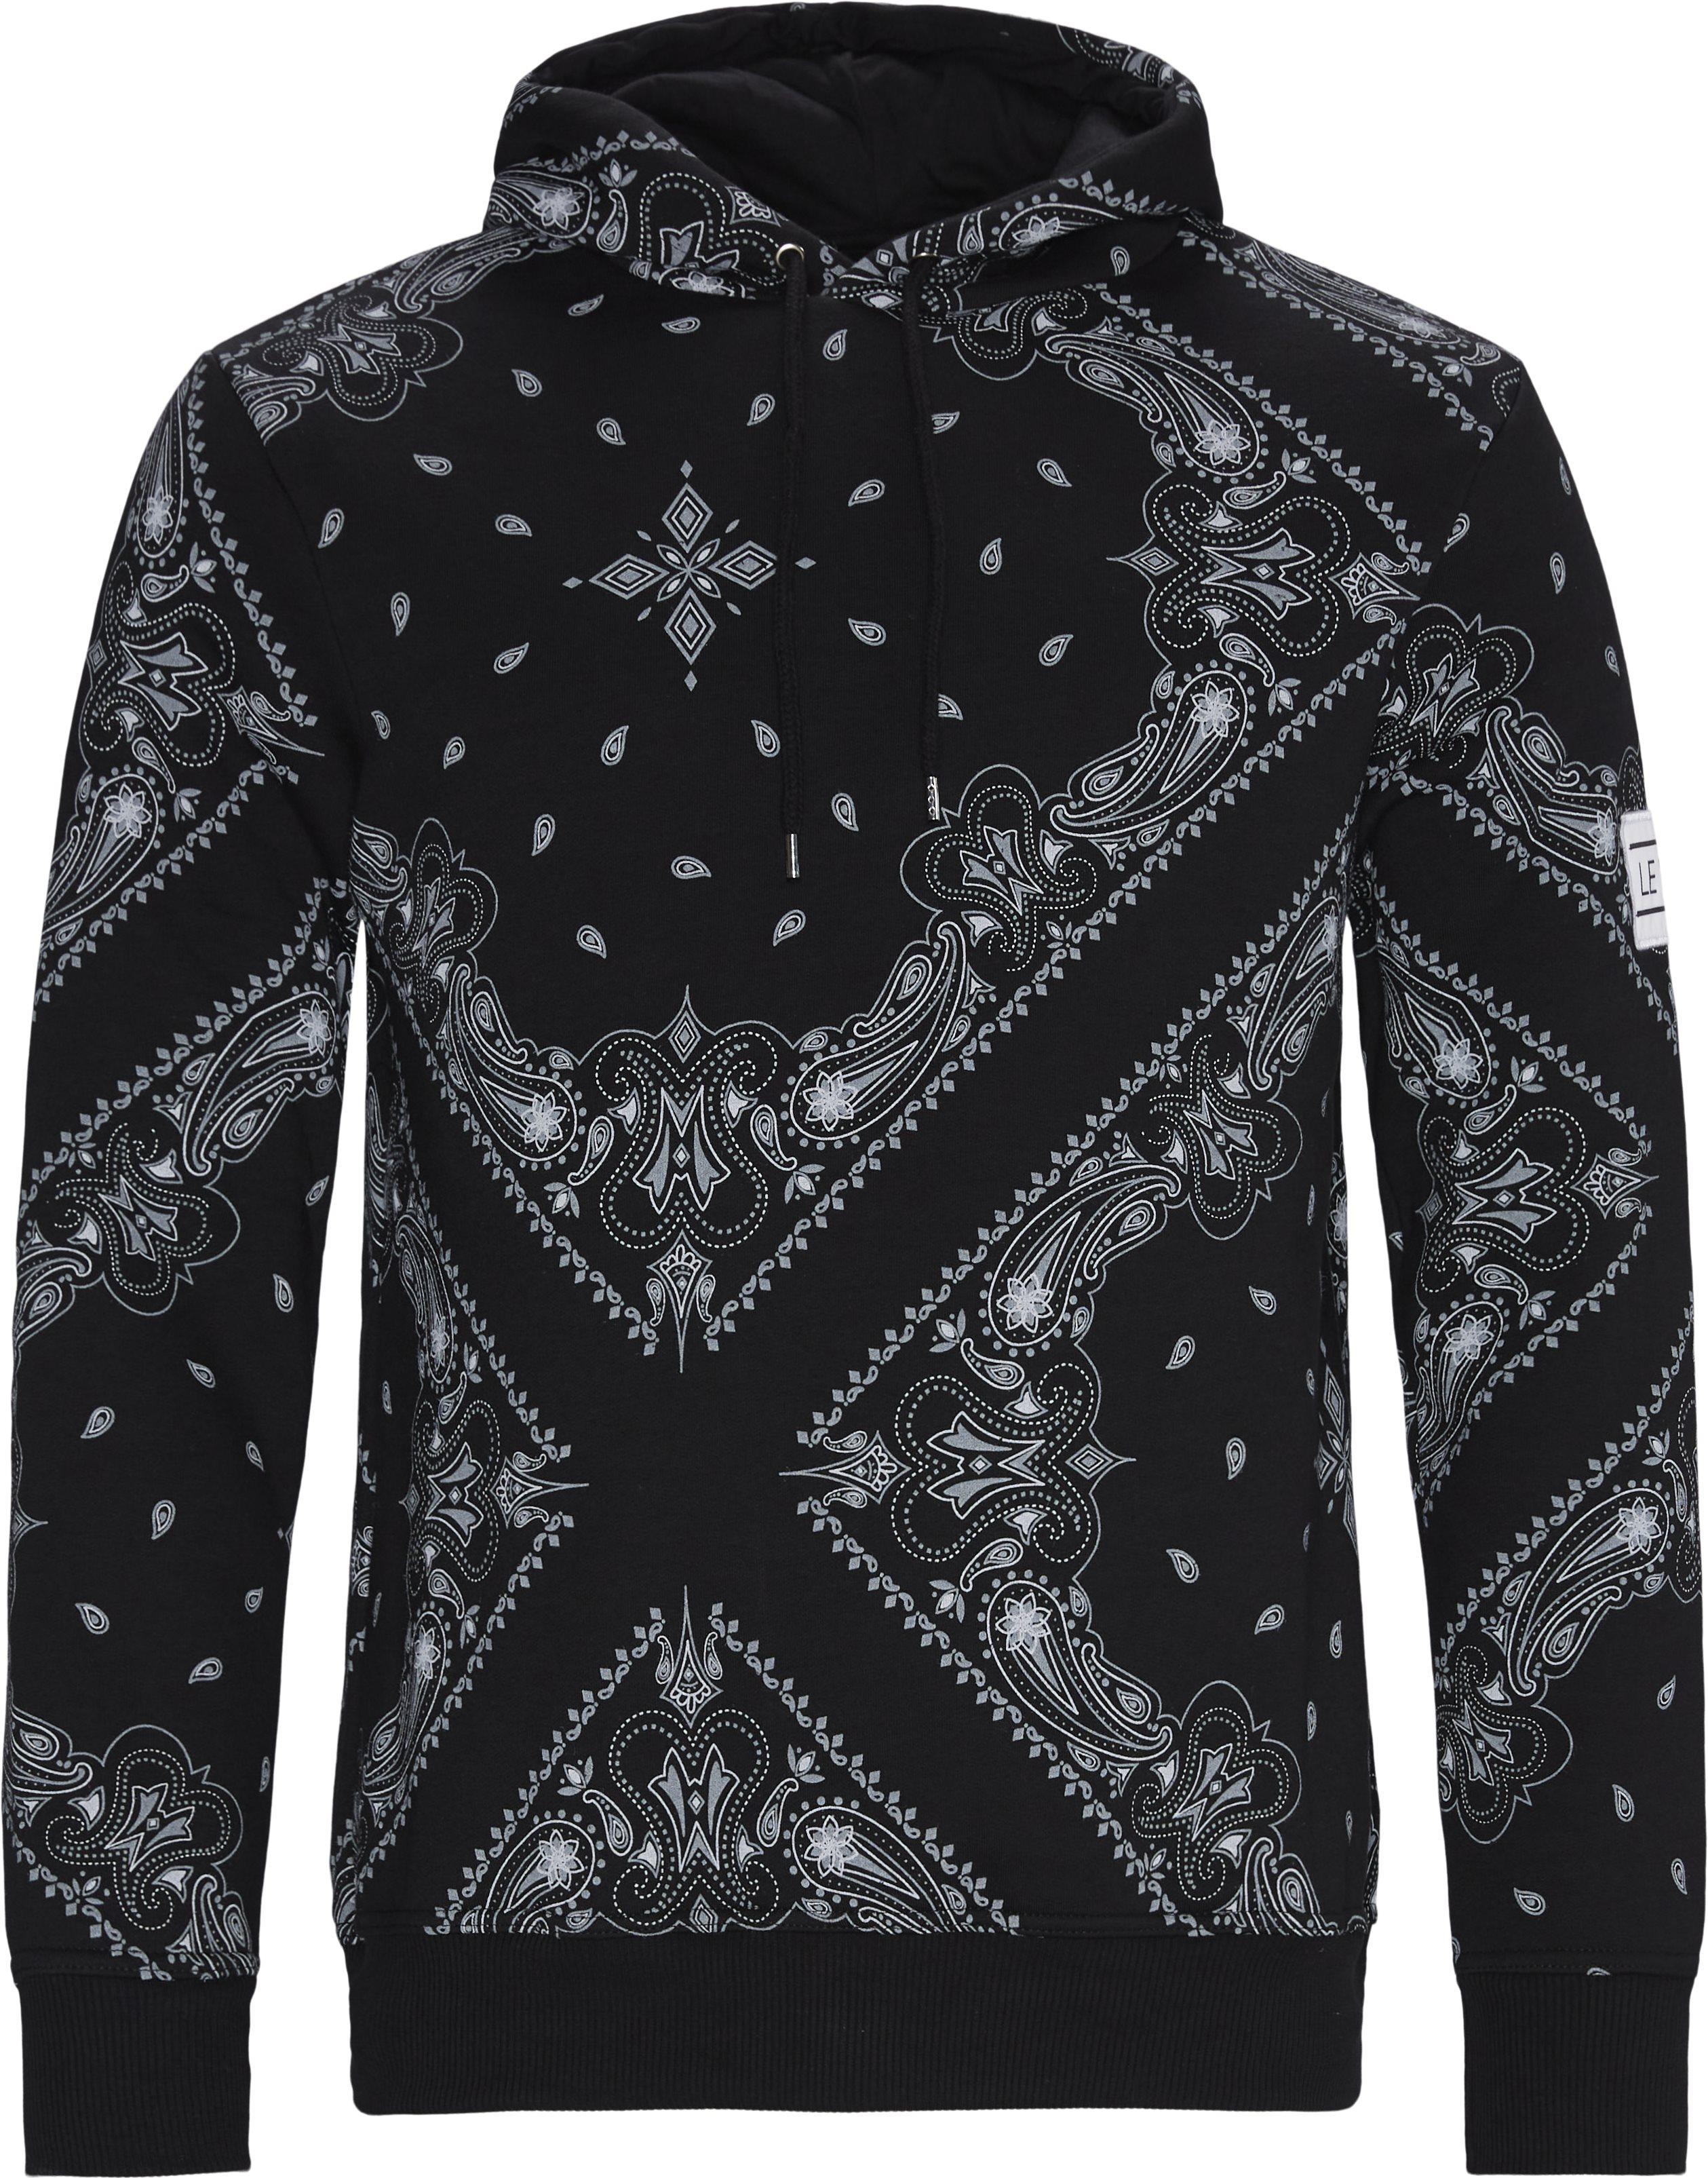 Brocade Hoodie - Sweatshirts - Regular - Black